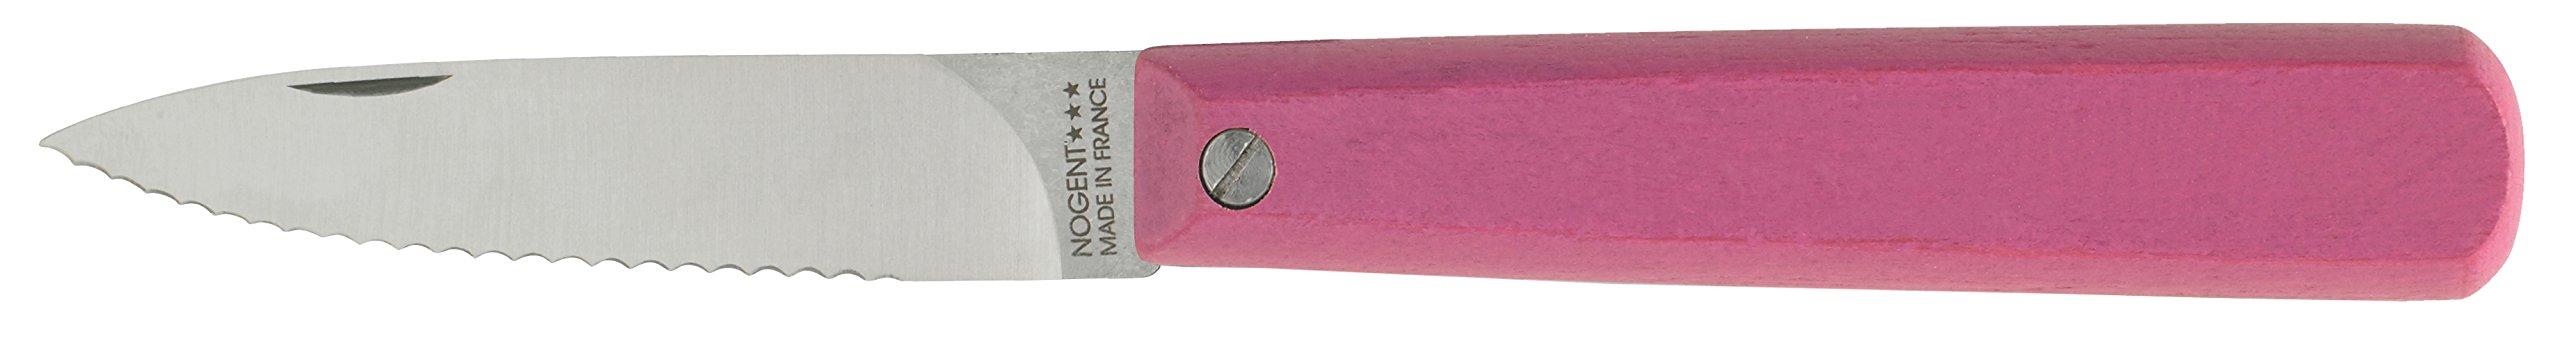 Nogent Le Pocket Folding Paring Kitchen Knife, Made in France, Serrated Edge, Hardwood Handle, Rose Pink, 3.15-Inch Carbon Steel Blade